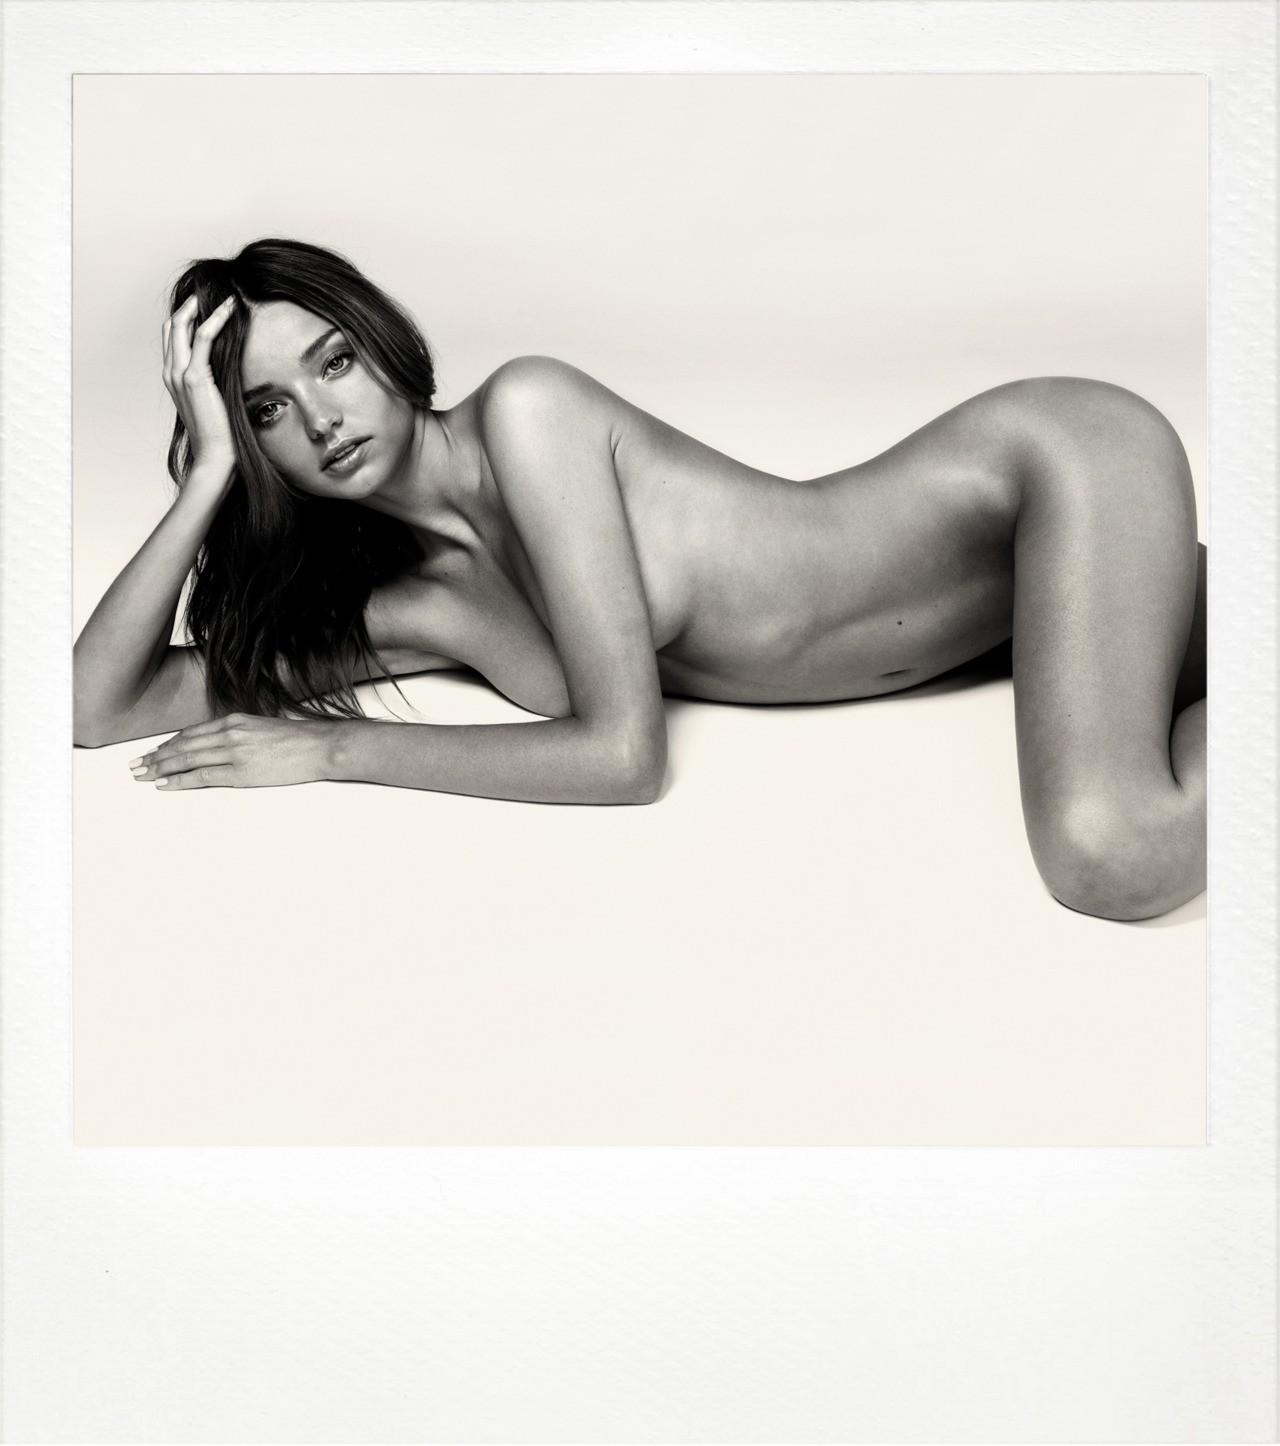 Miranda kerr nude photos-2099